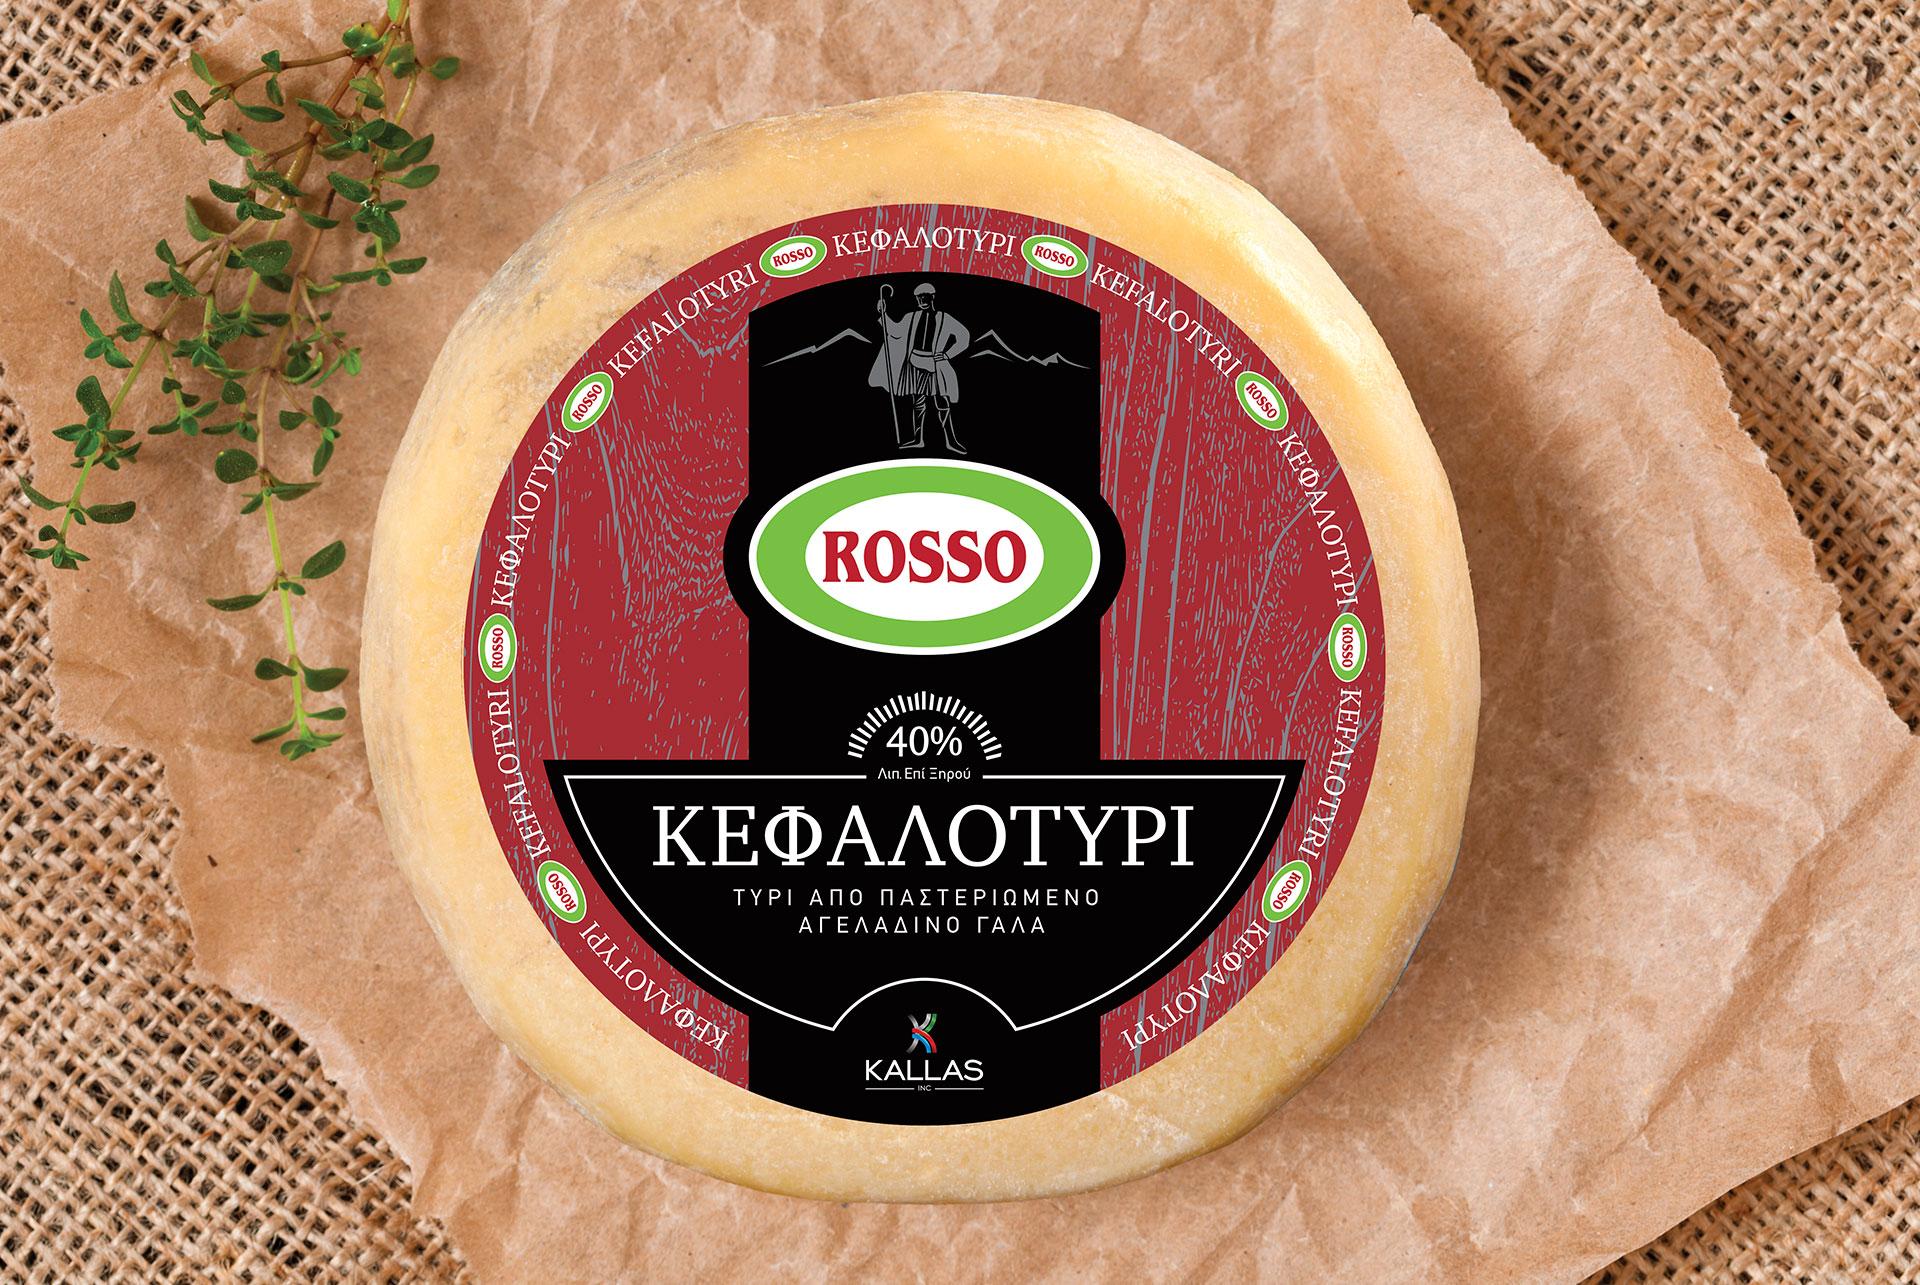 Rosso Kefalotyri Wheel Packaging